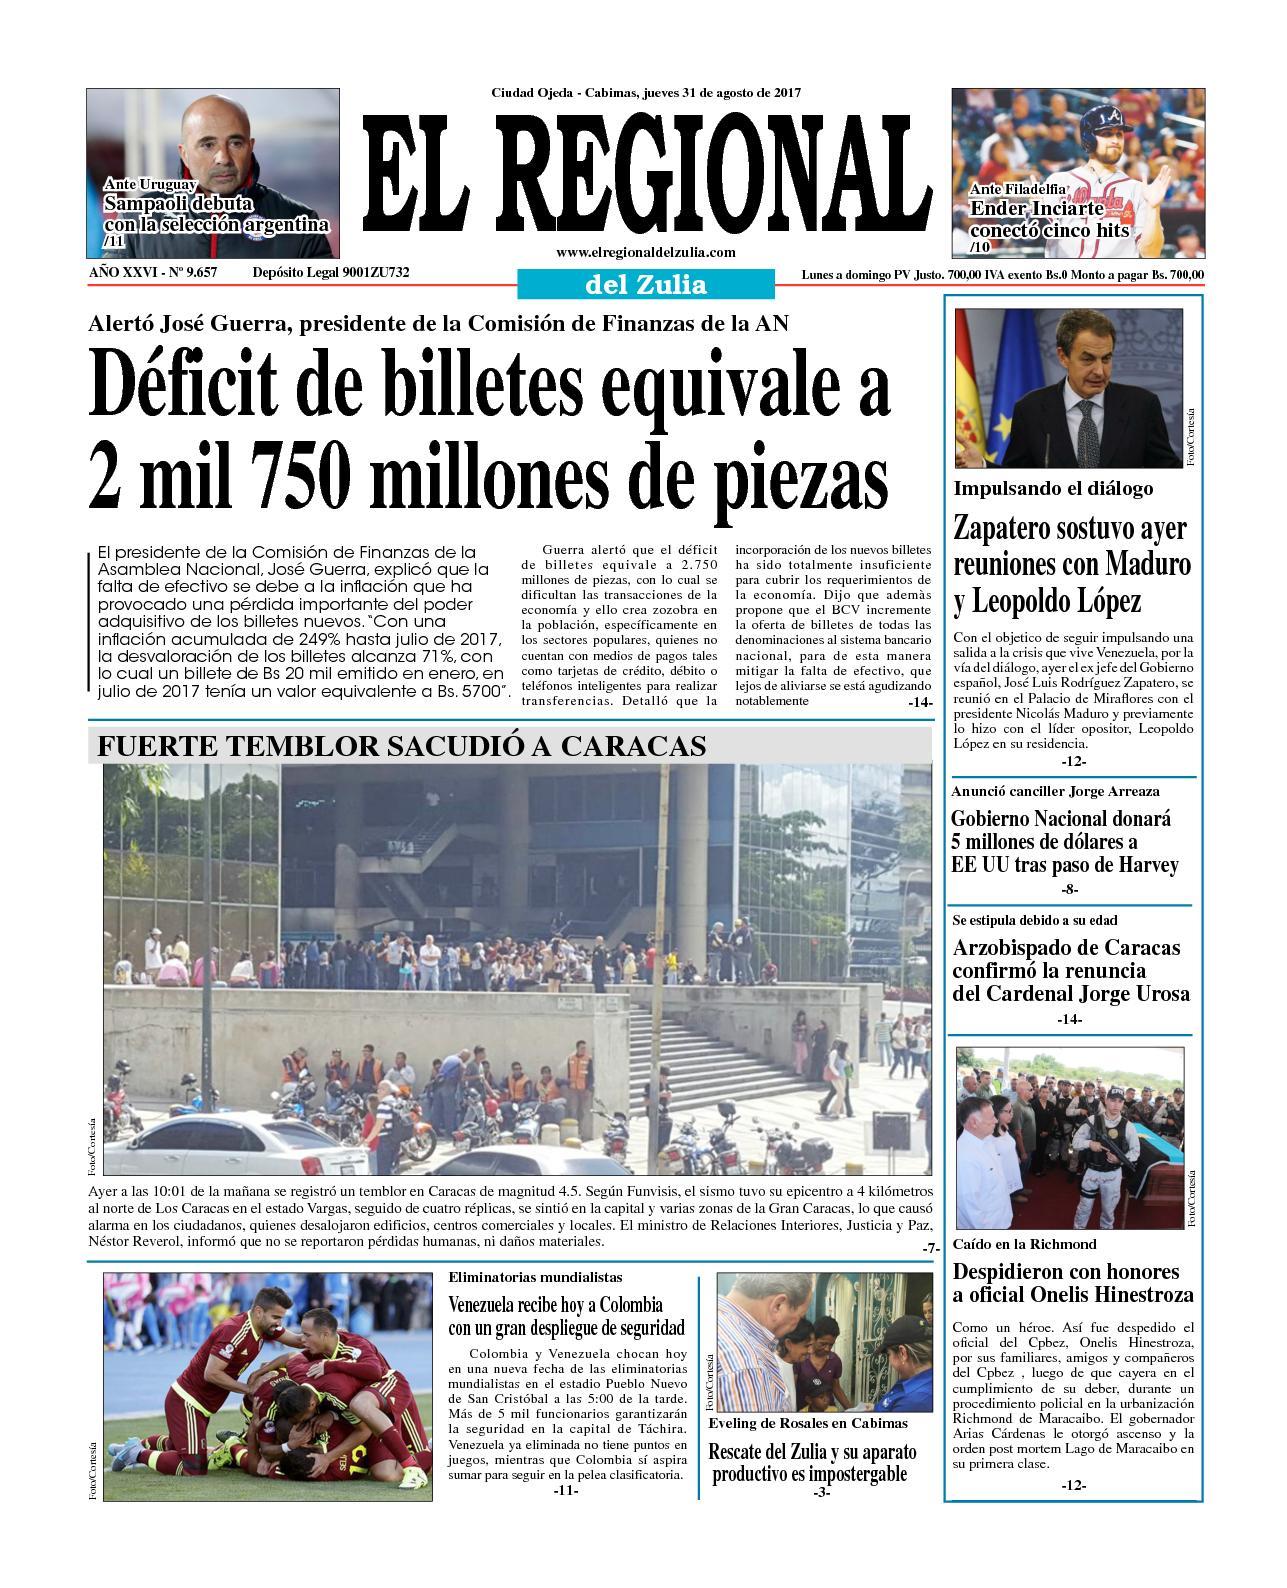 El regional del zulia 31-08-2017